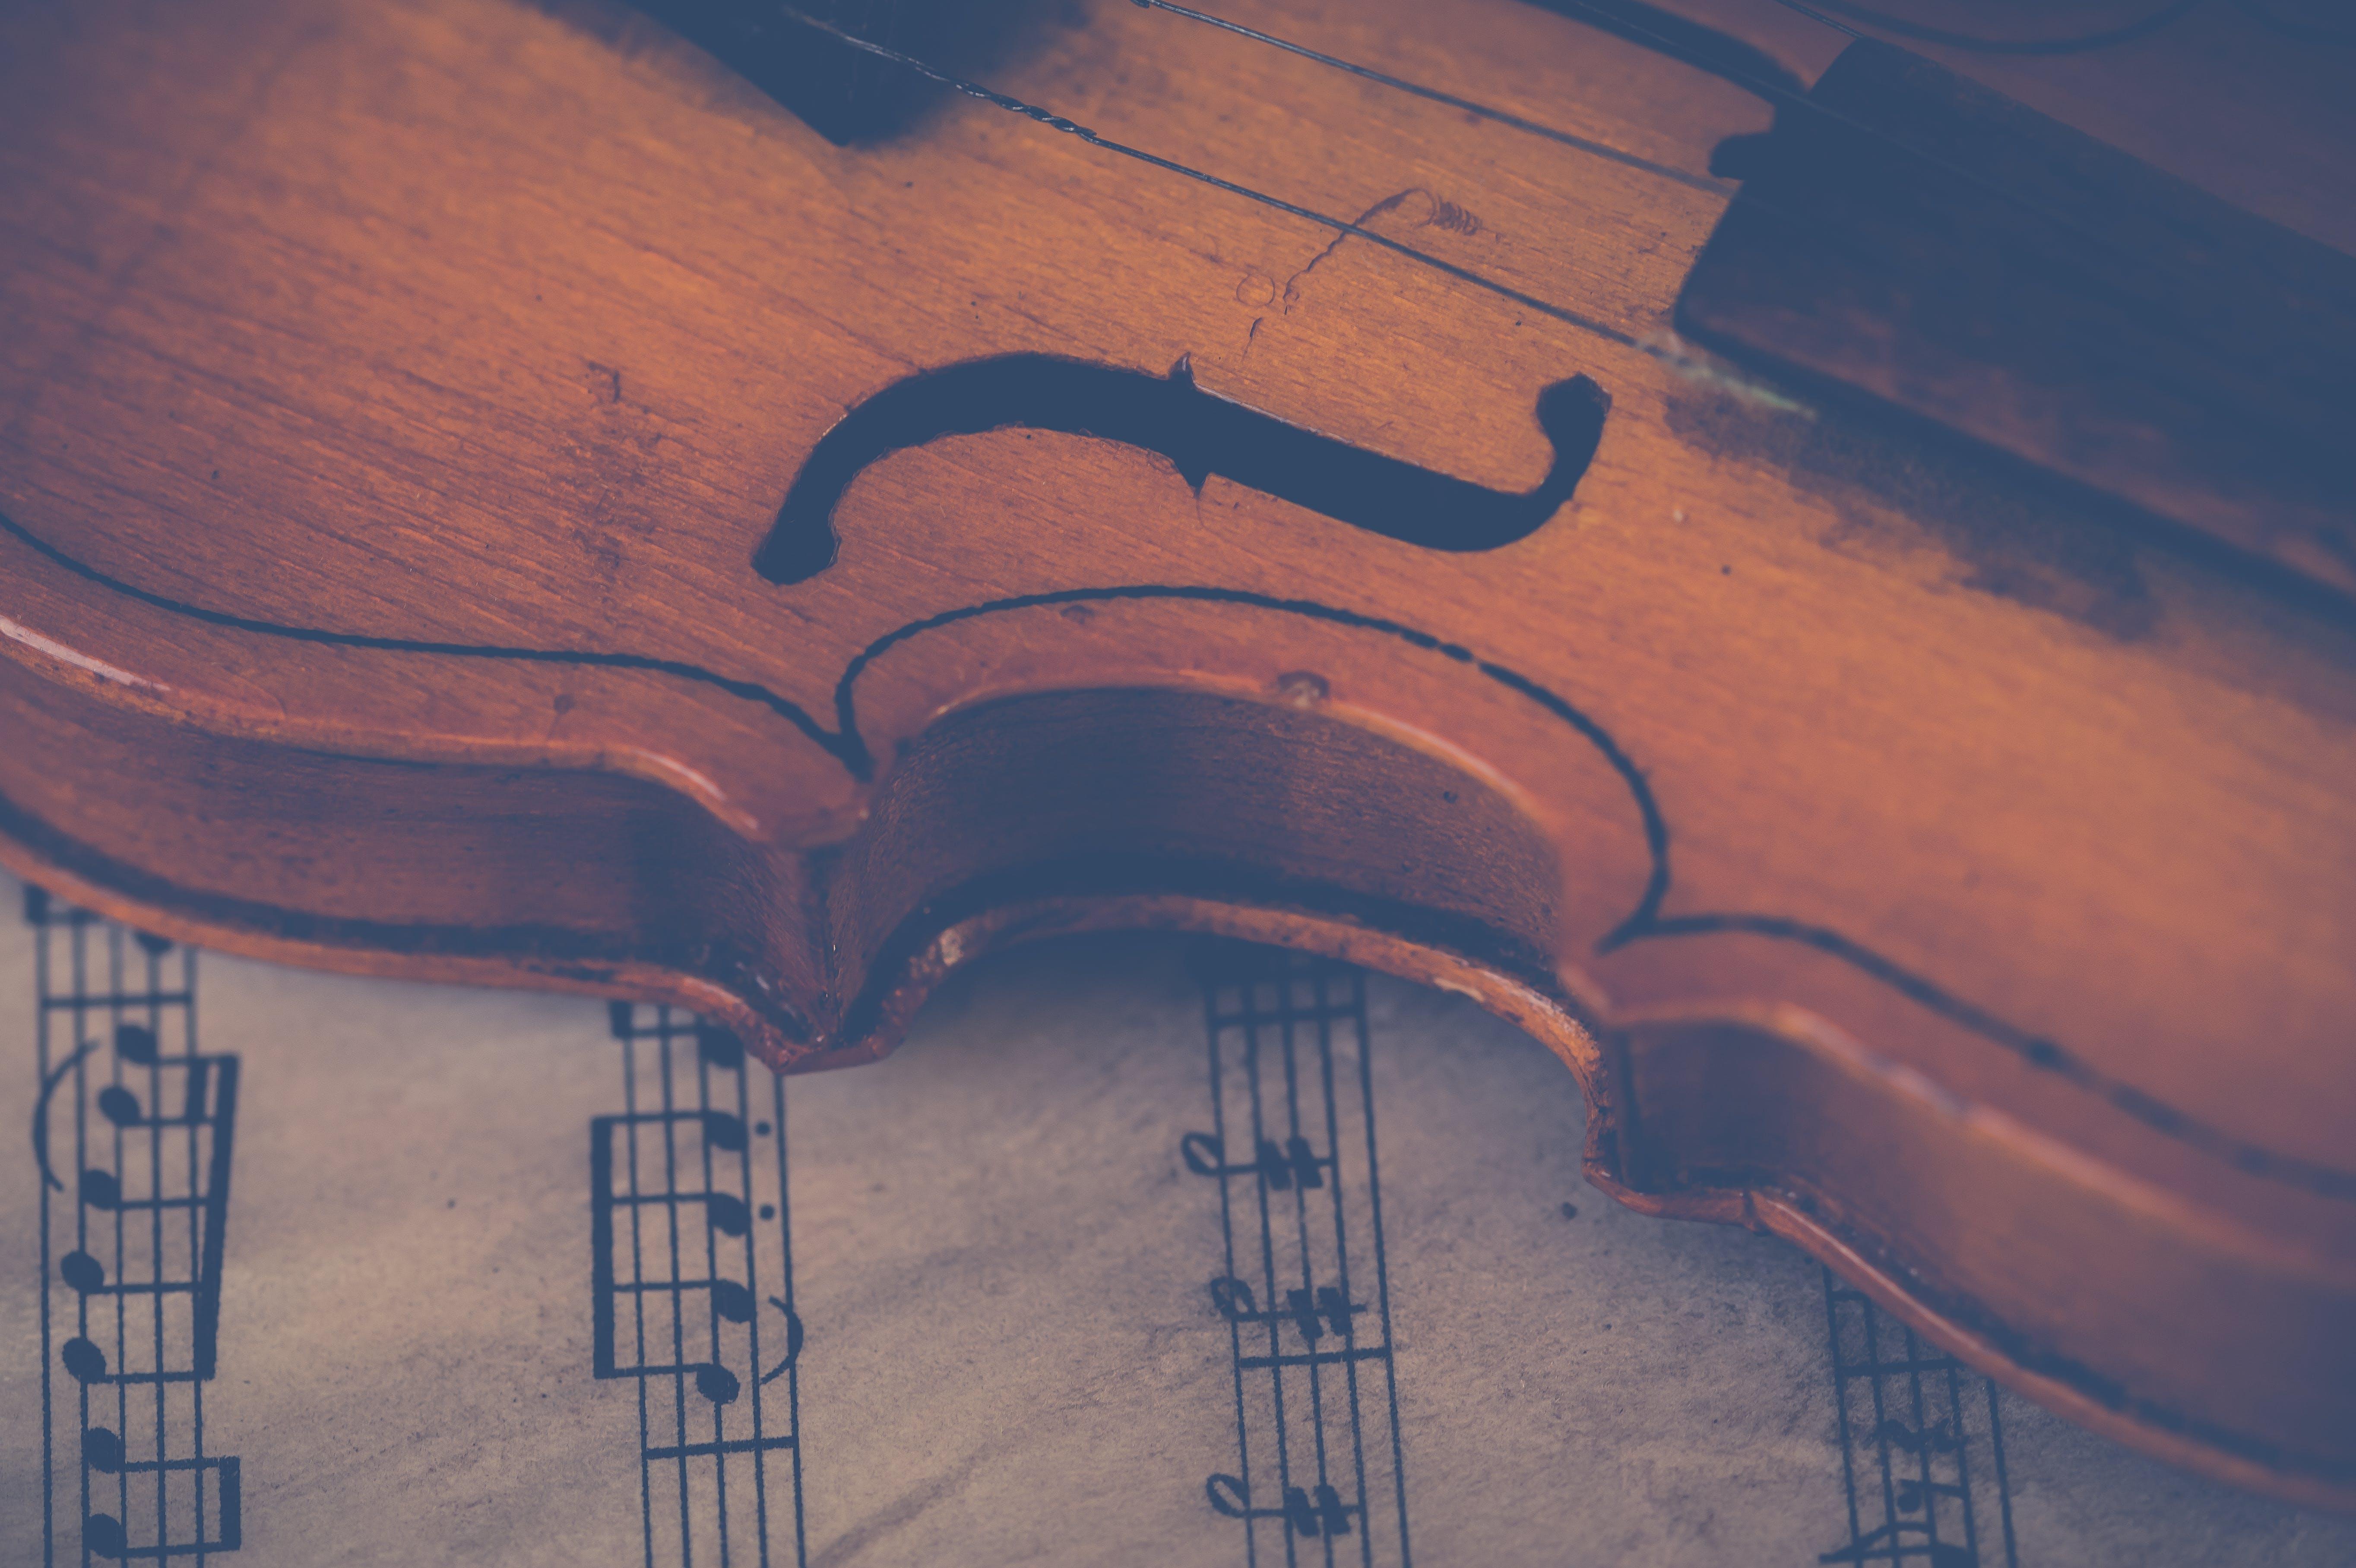 Ảnh lưu trữ miễn phí về cổ điển, ghi chú, gỗ, nhạc cổ điển